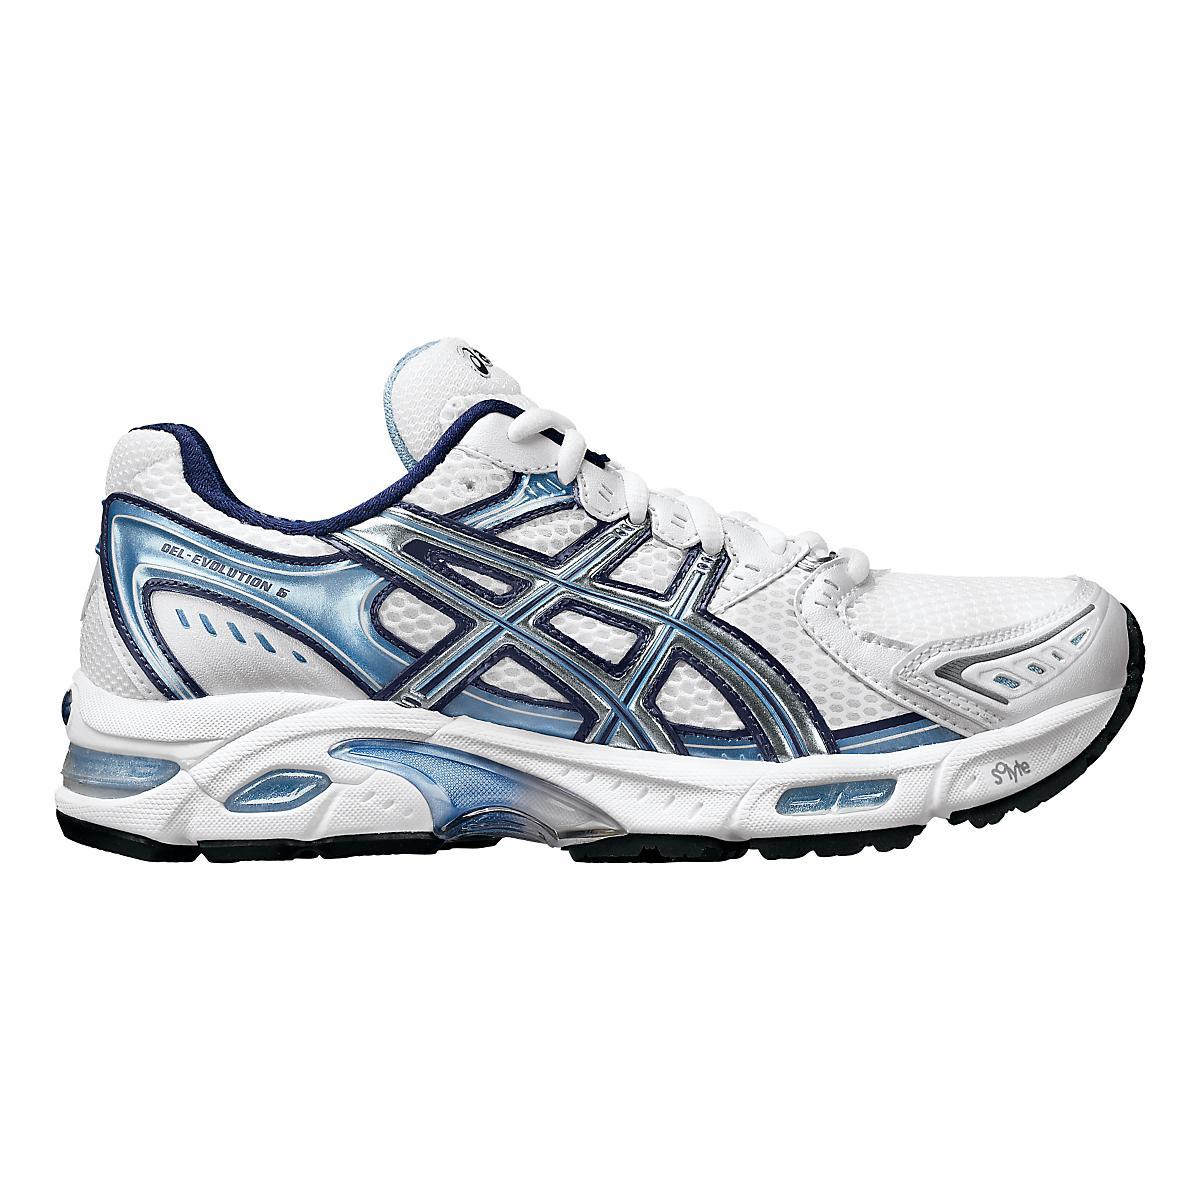 Womens ASICS GEL-Evolution 5 Running Shoe at Road Runner Sports 6d36e167c5